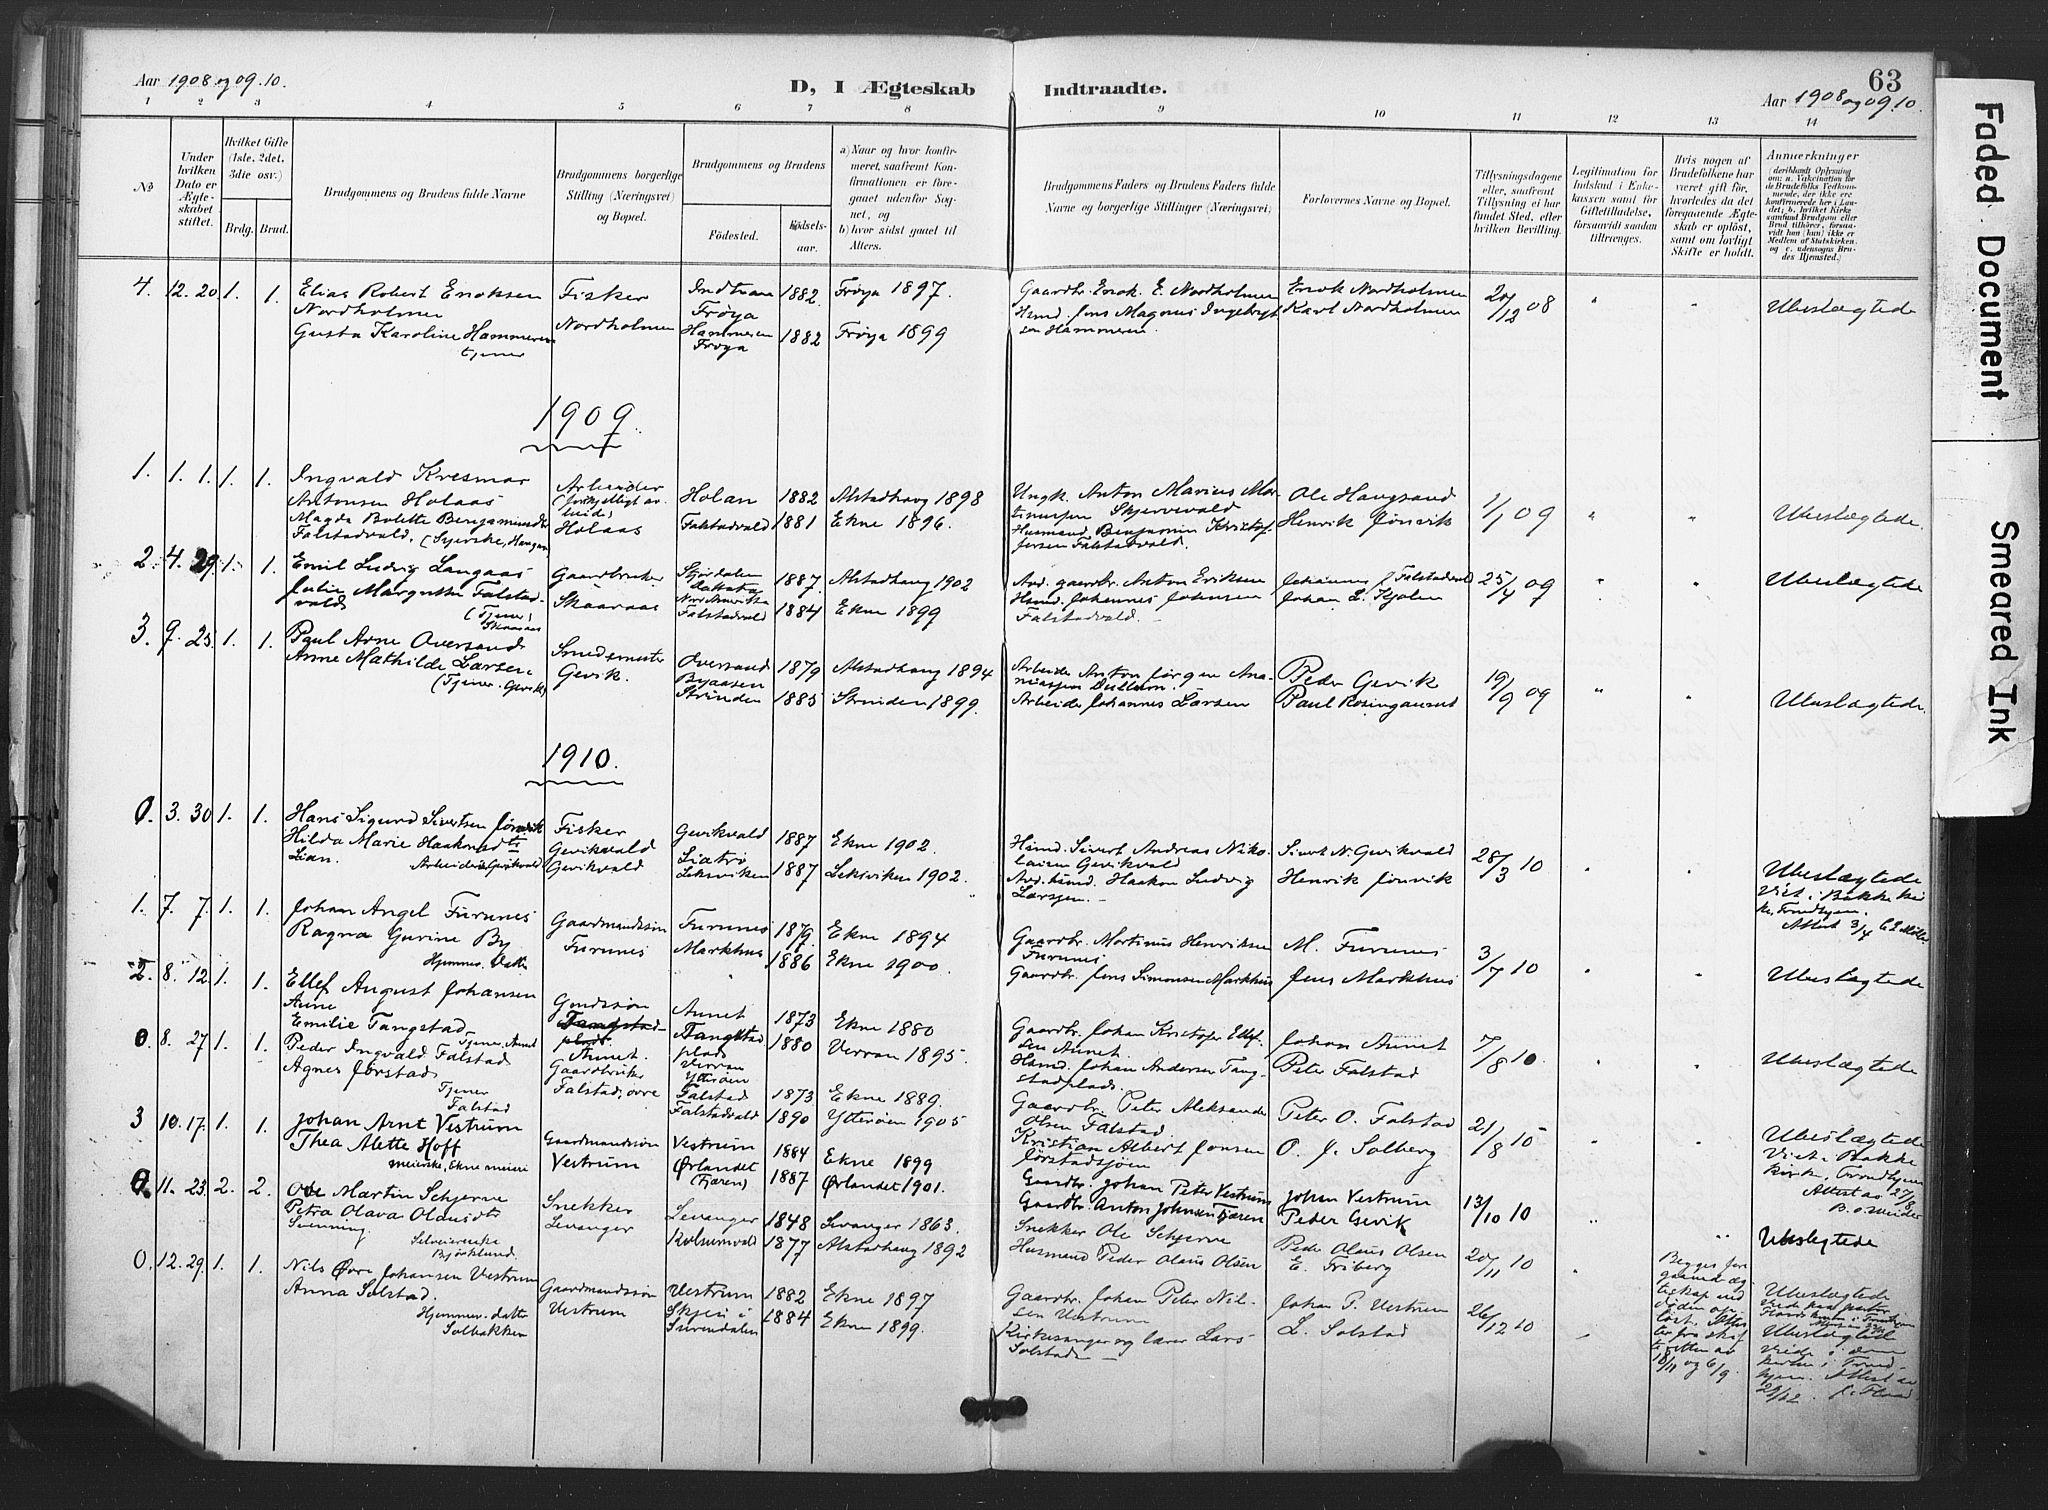 SAT, Ministerialprotokoller, klokkerbøker og fødselsregistre - Nord-Trøndelag, 719/L0179: Ministerialbok nr. 719A02, 1901-1923, s. 63